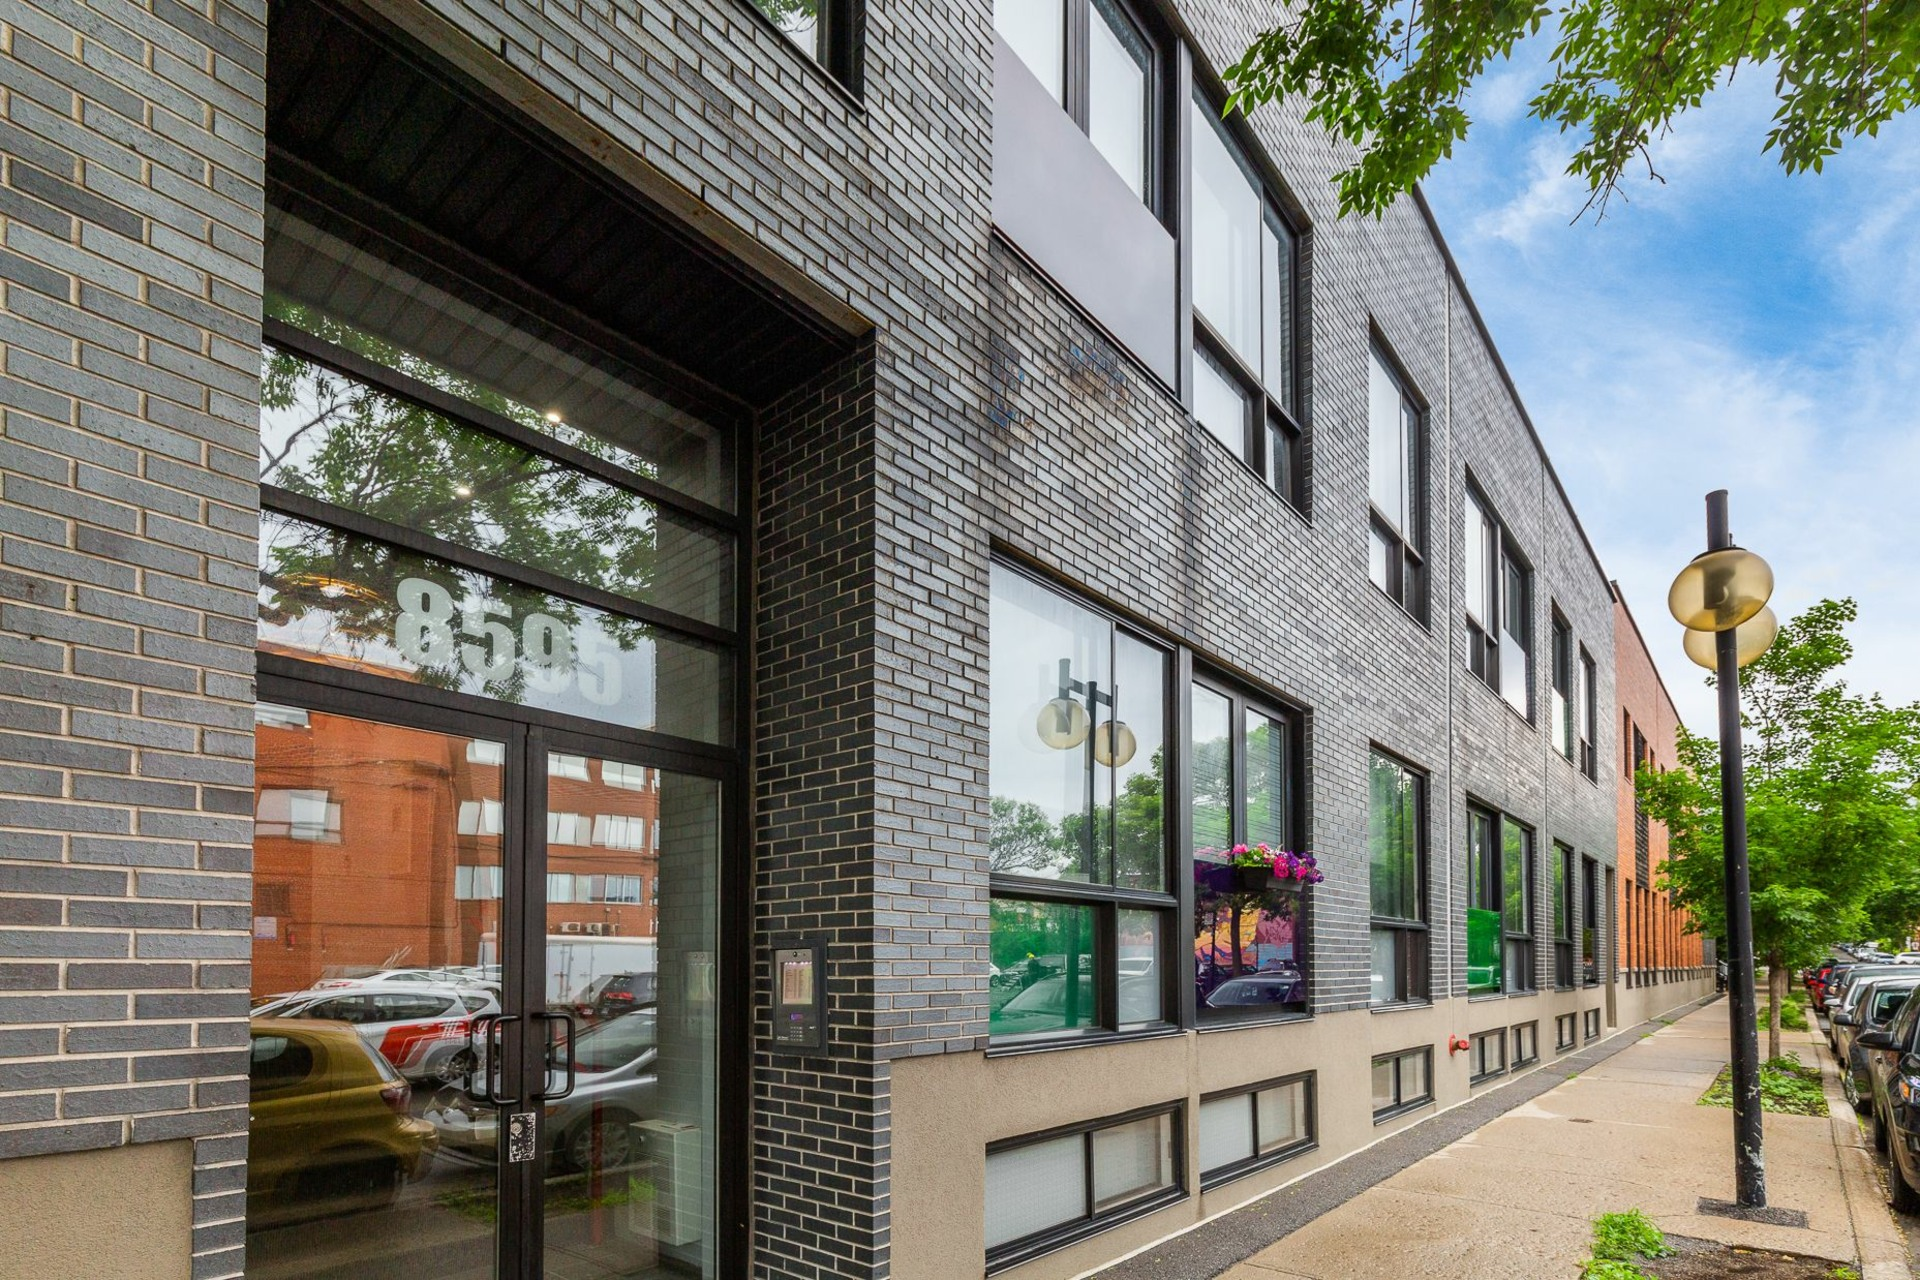 image 1 - Appartement À vendre Villeray/Saint-Michel/Parc-Extension Montréal  - 1 pièce